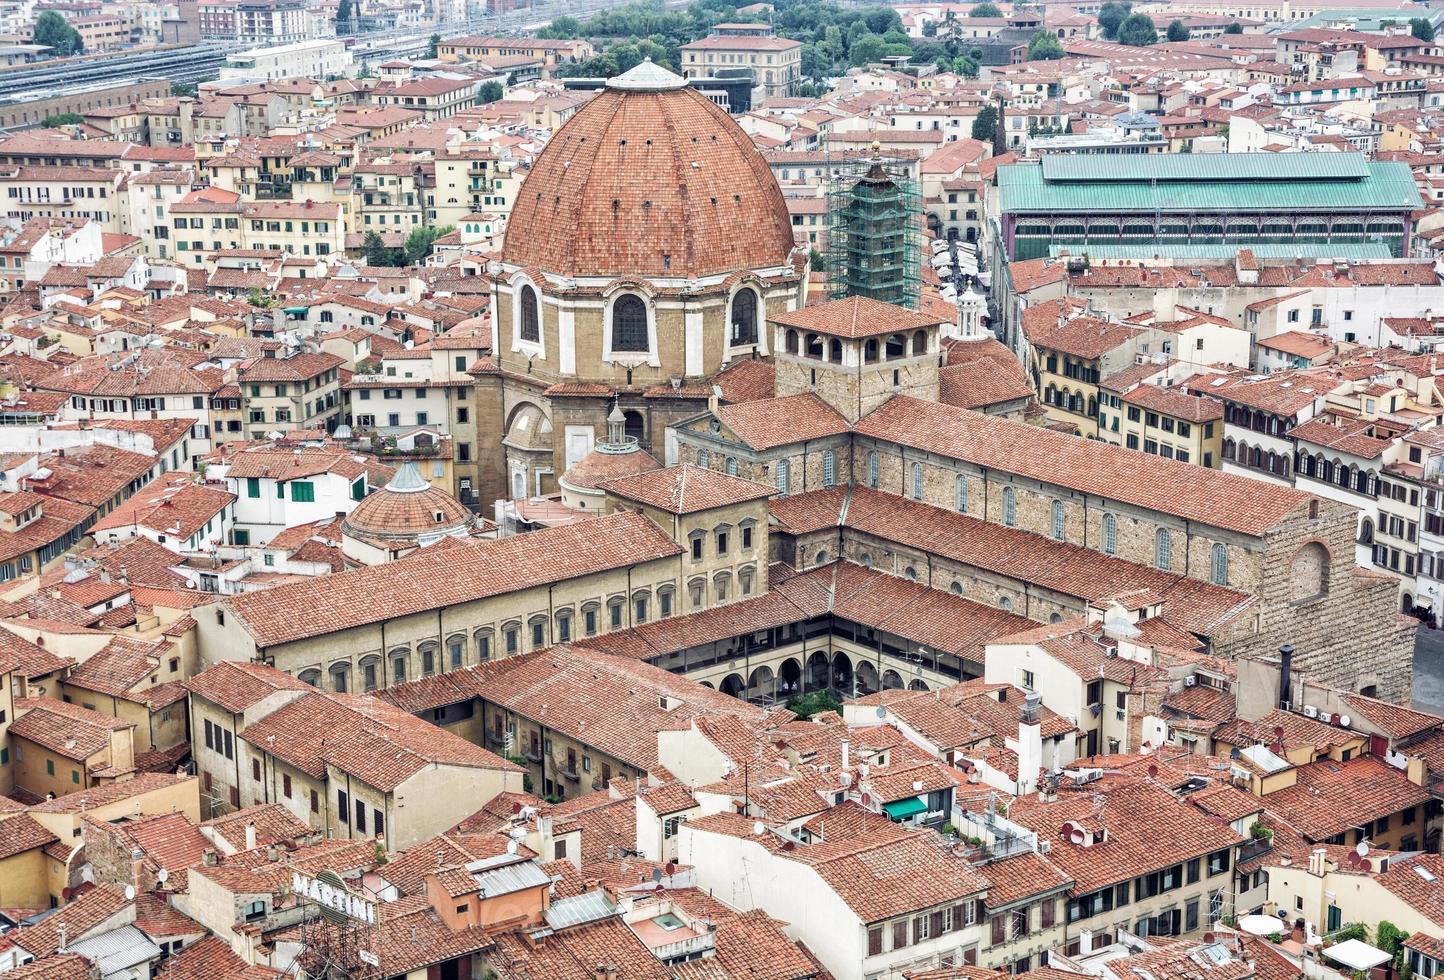 Basilika San Lorenzo, Florenz, Italien, kulturelles Erbe foto